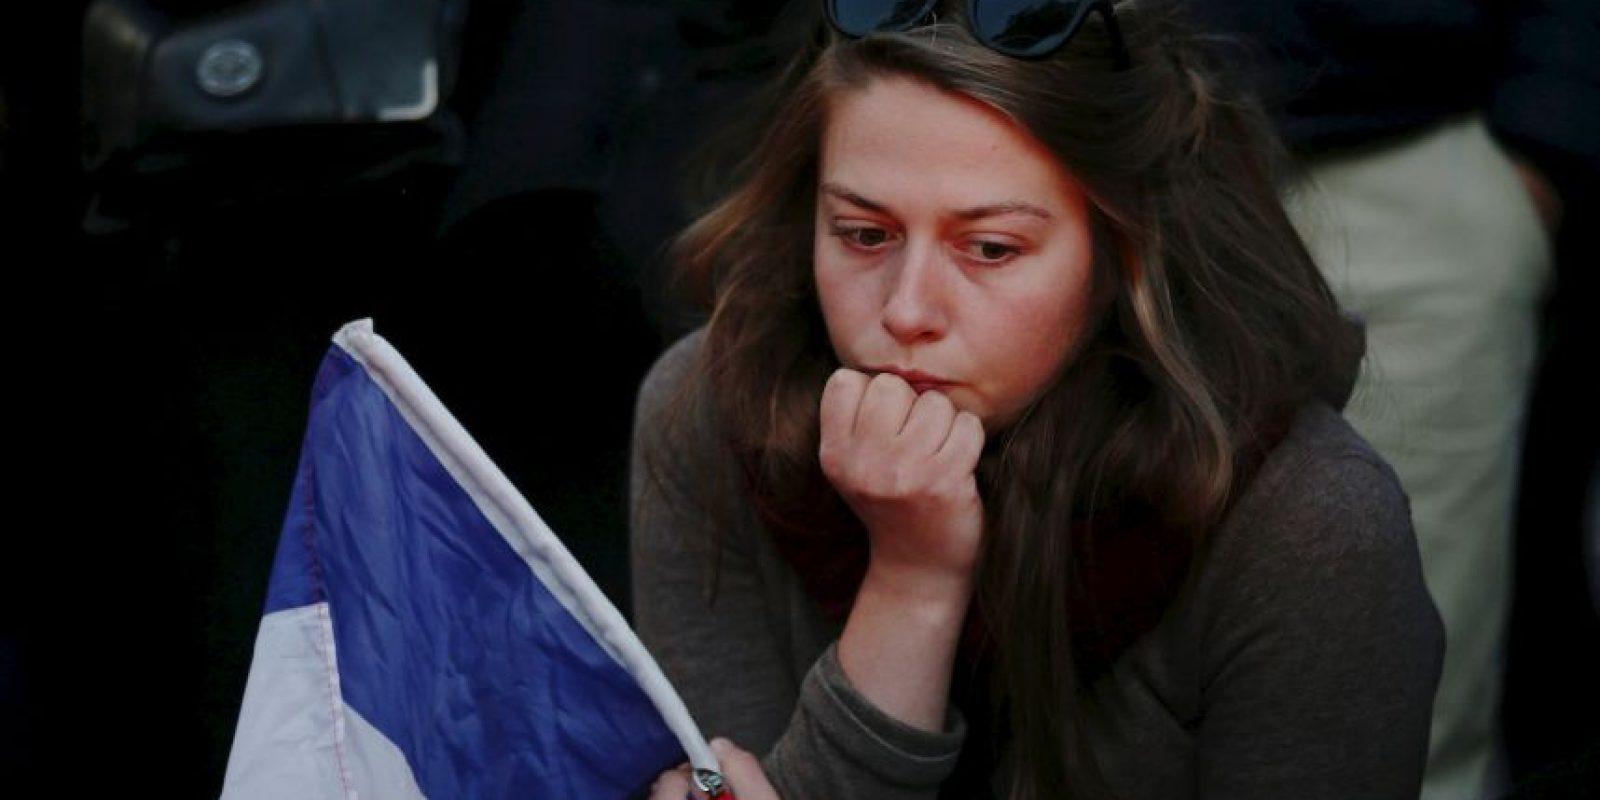 Miembros de inteligencia europeos han destacado que el próximo objetivo podría ser Reino Unido. Foto:Getty Images